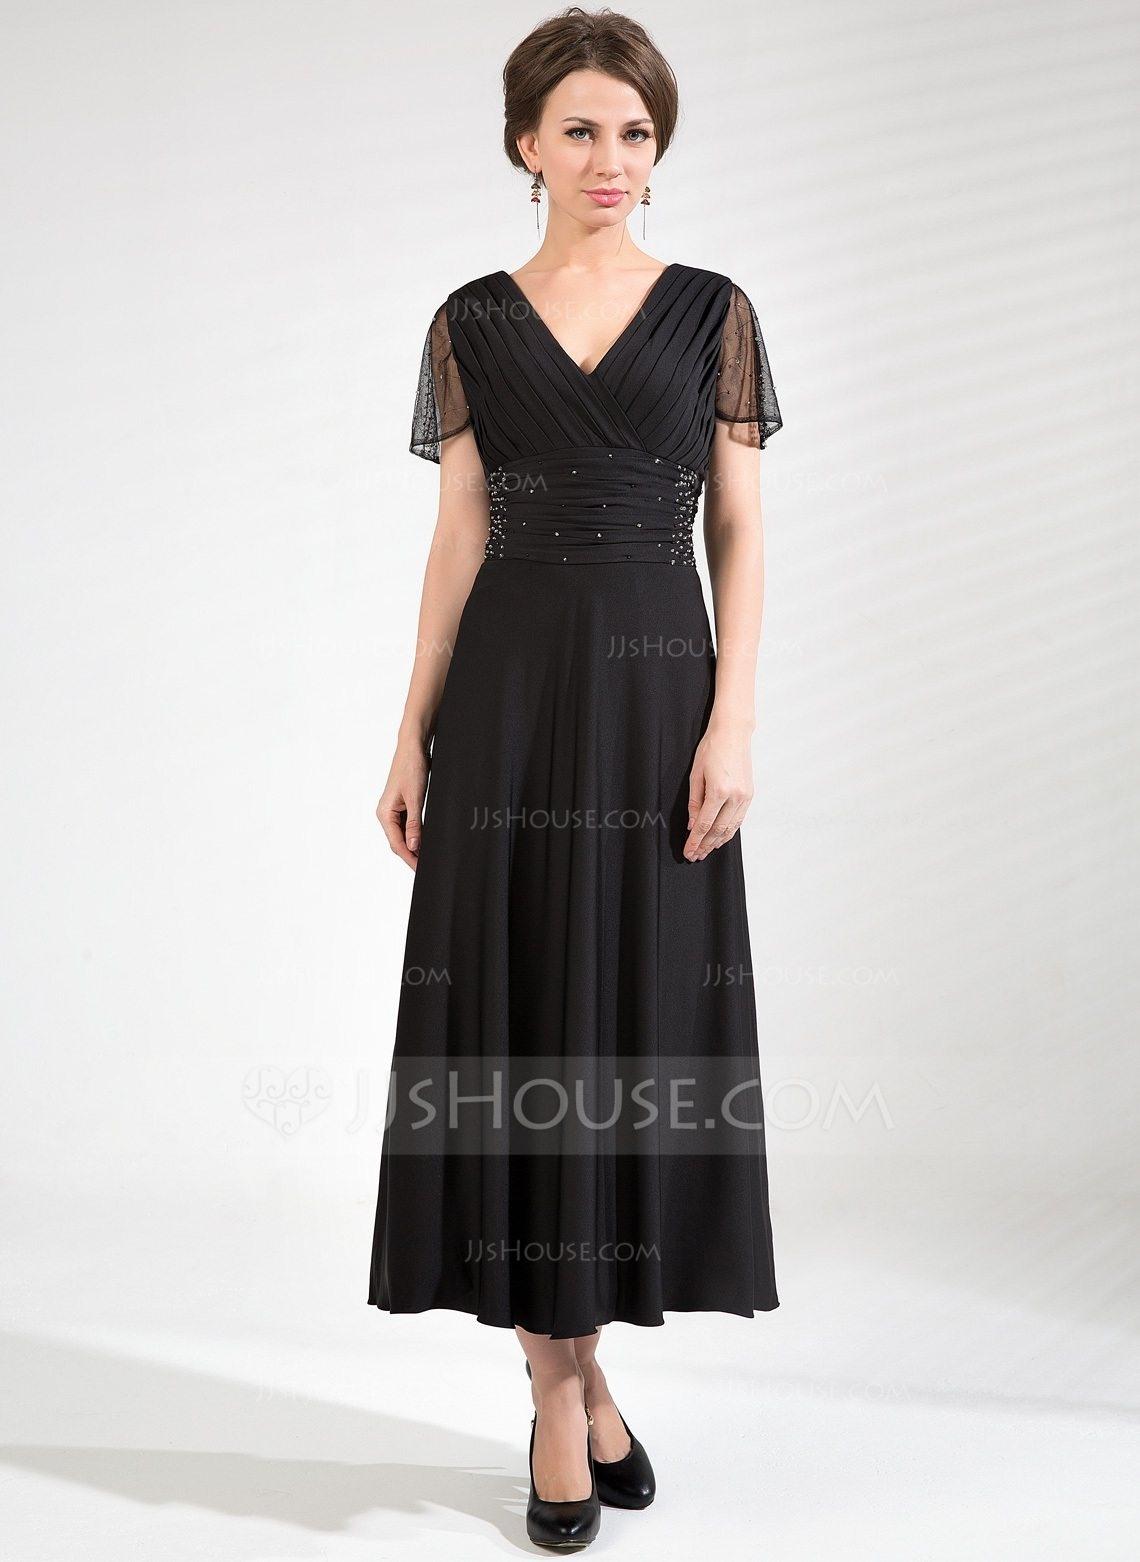 13 Genial Abendkleid Wadenlang DesignFormal Schön Abendkleid Wadenlang für 2019